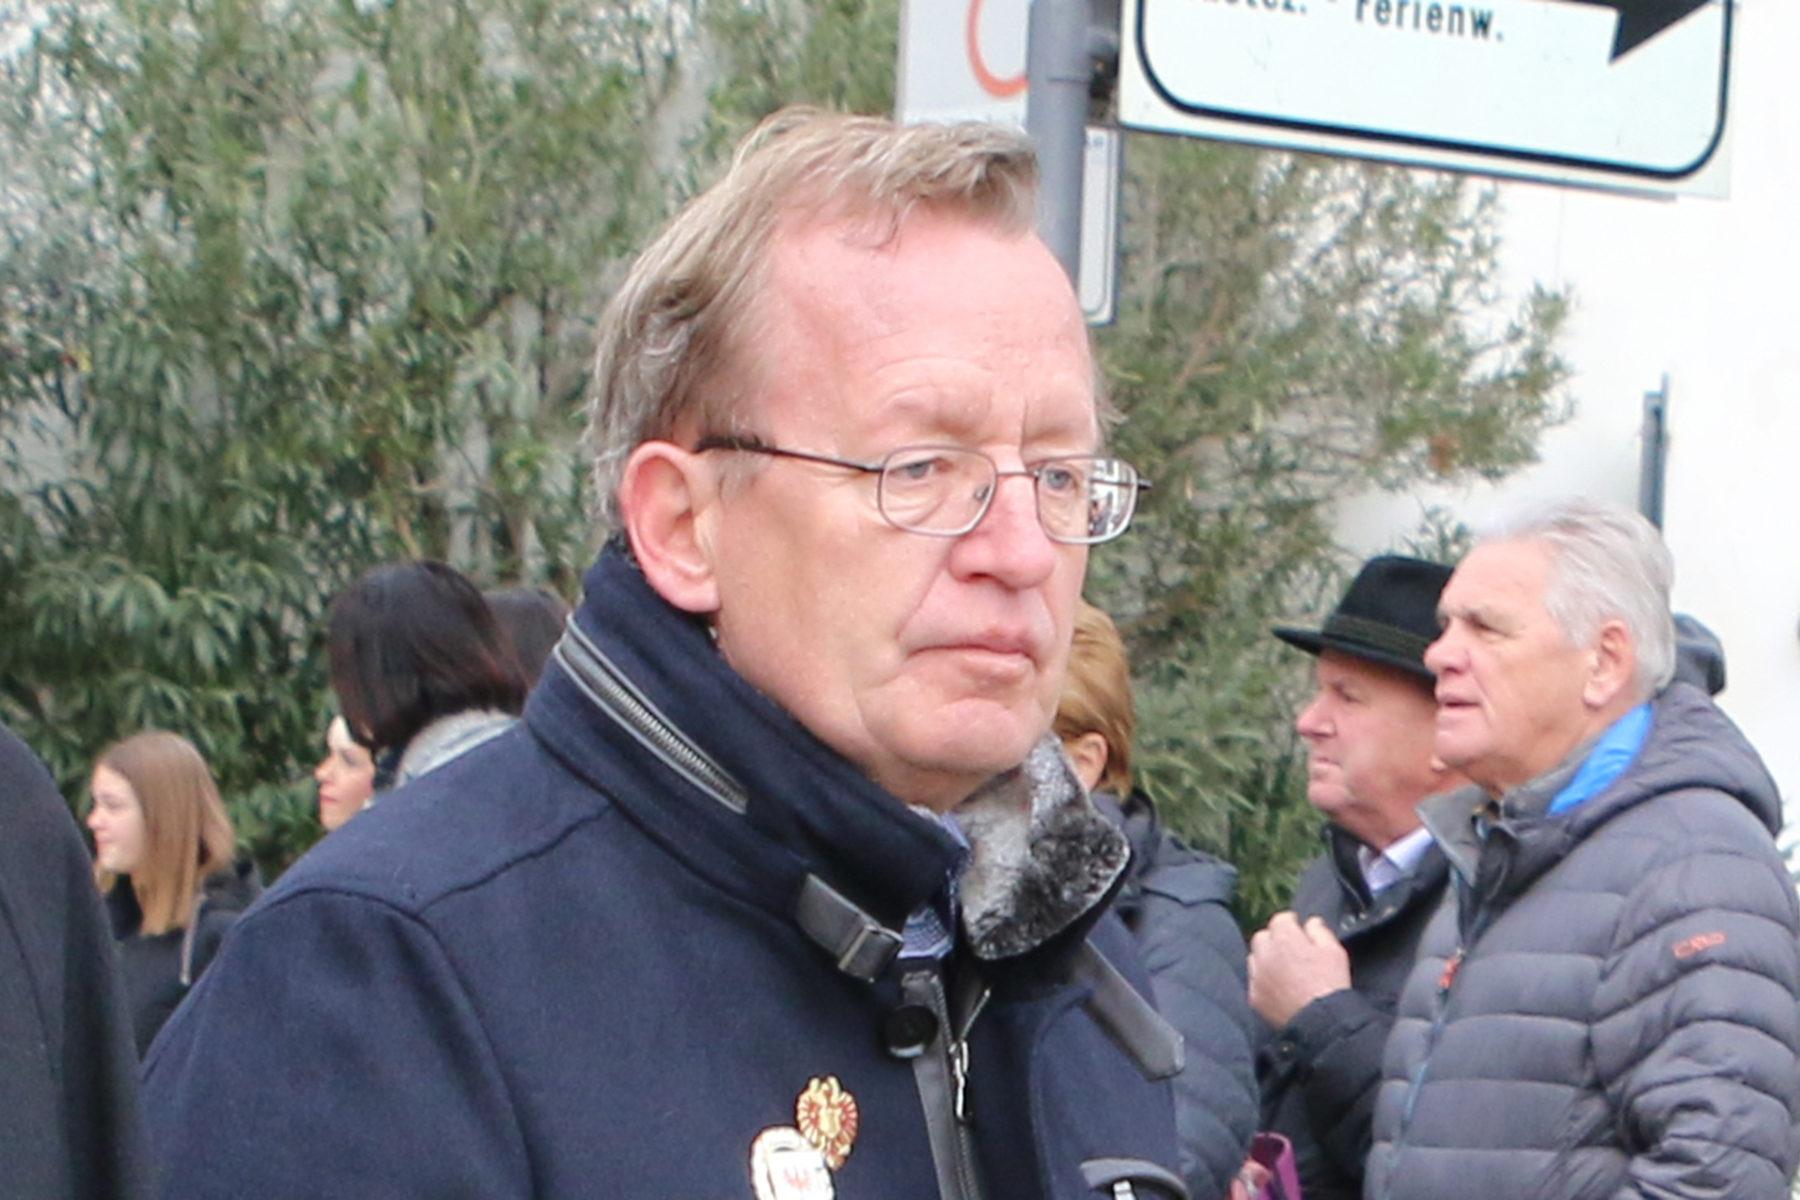 In Gedenken an einen großen TirolerVor 60 Jahren starb Eduard Reut-Nicolussi